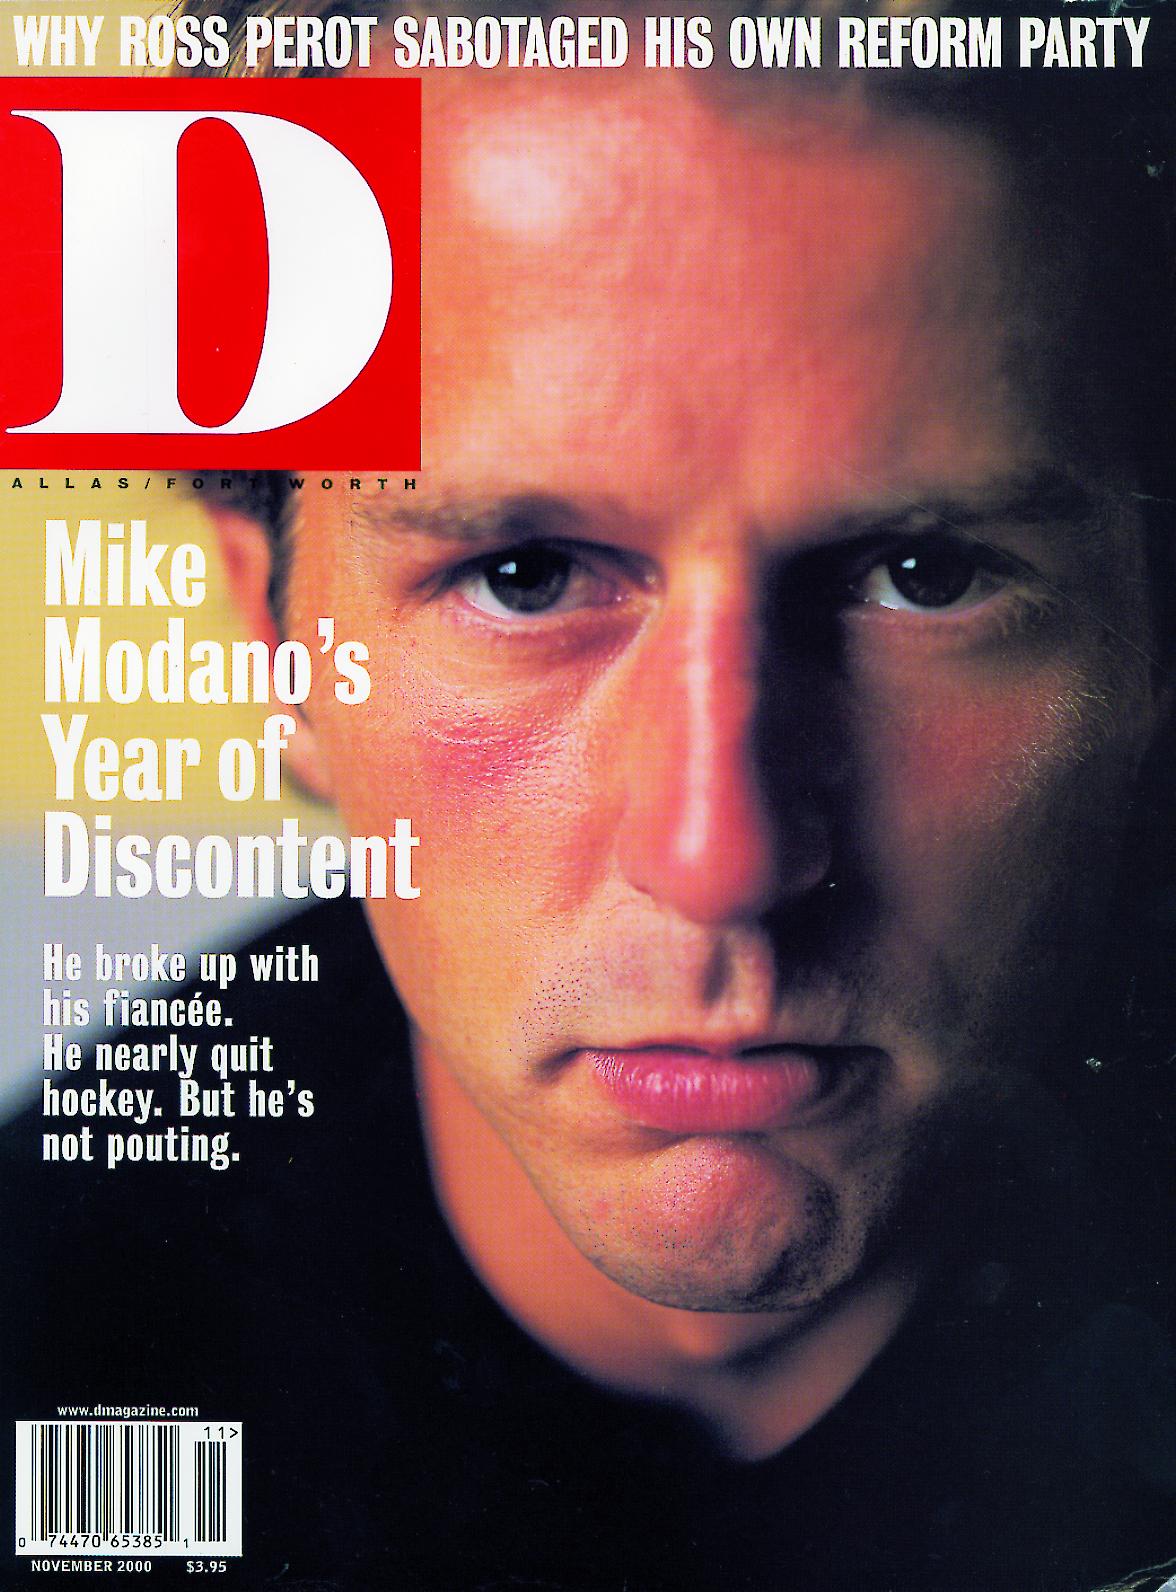 November 2000 cover